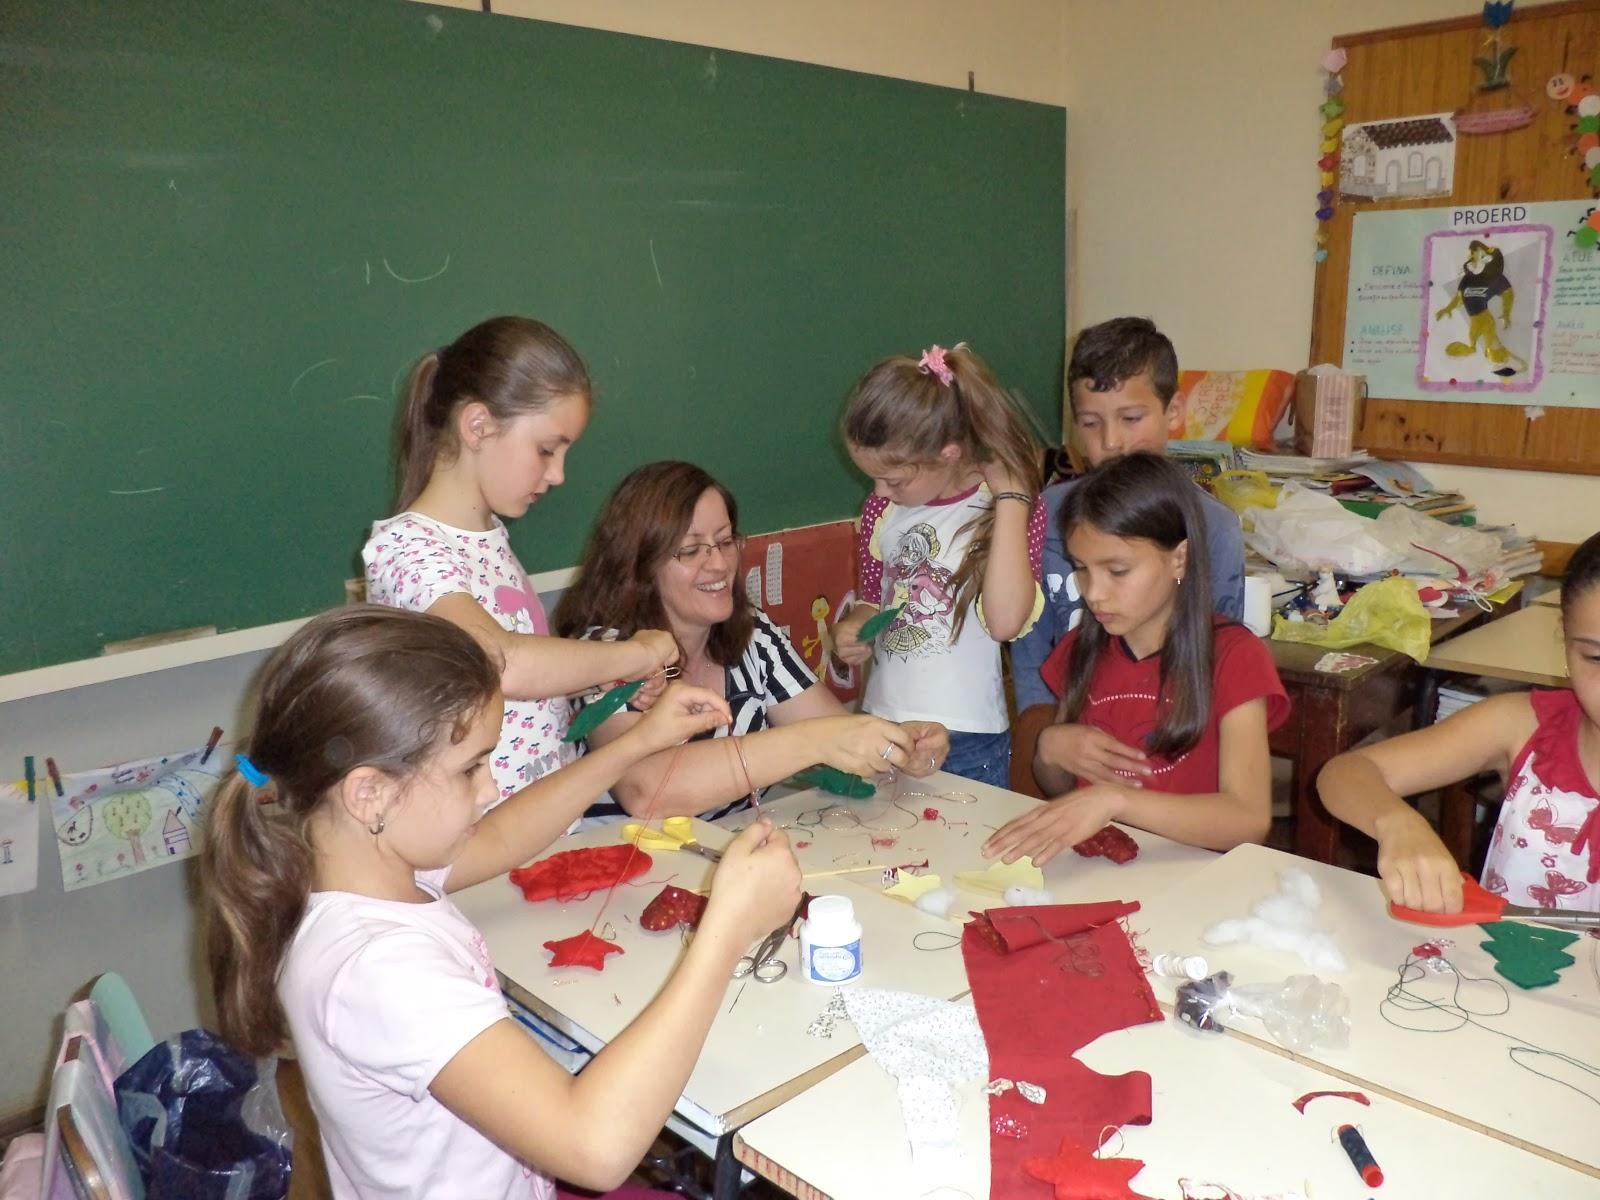 Artesanato Com Argila Simples ~ Artesanato da Gisa Oficina de artesanato na Escola Estadual Padre Pedro Marcelino Copetti